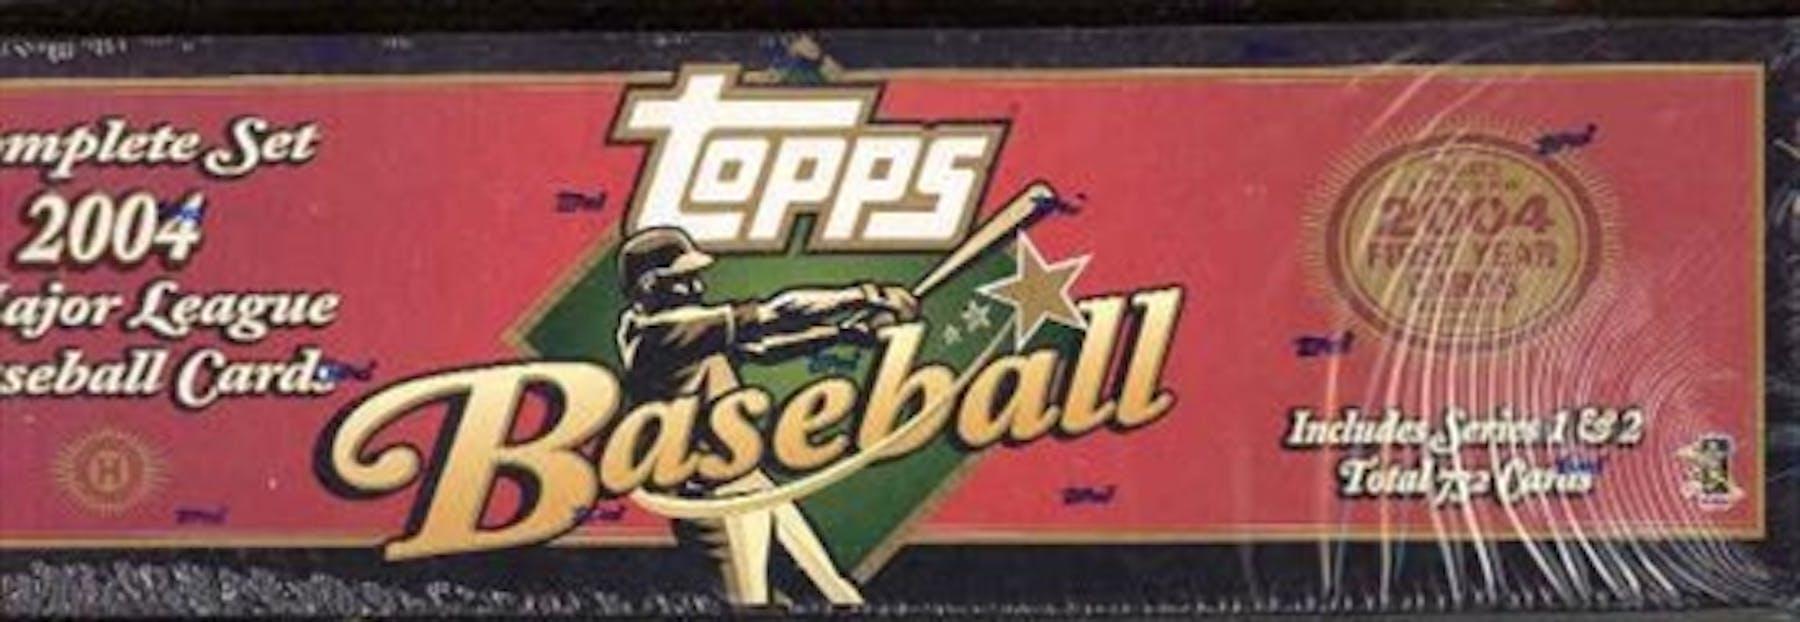 2004 Topps Baseball Hobby Factory Set Box Brown Da